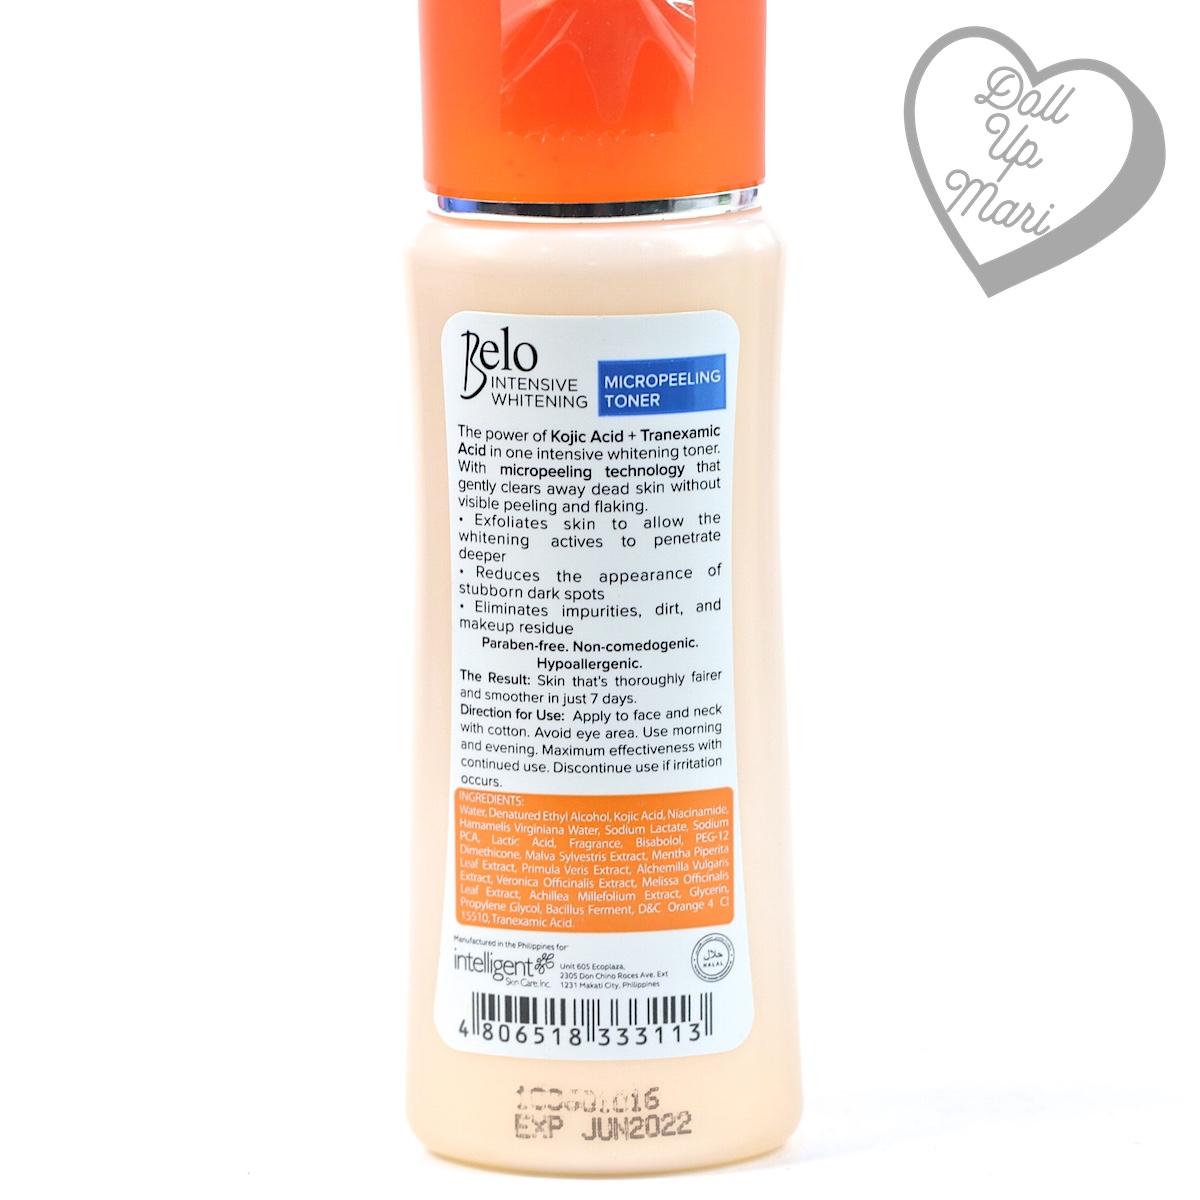 Belo Intensive Whitening Micropeeling Toner Bottle Rear